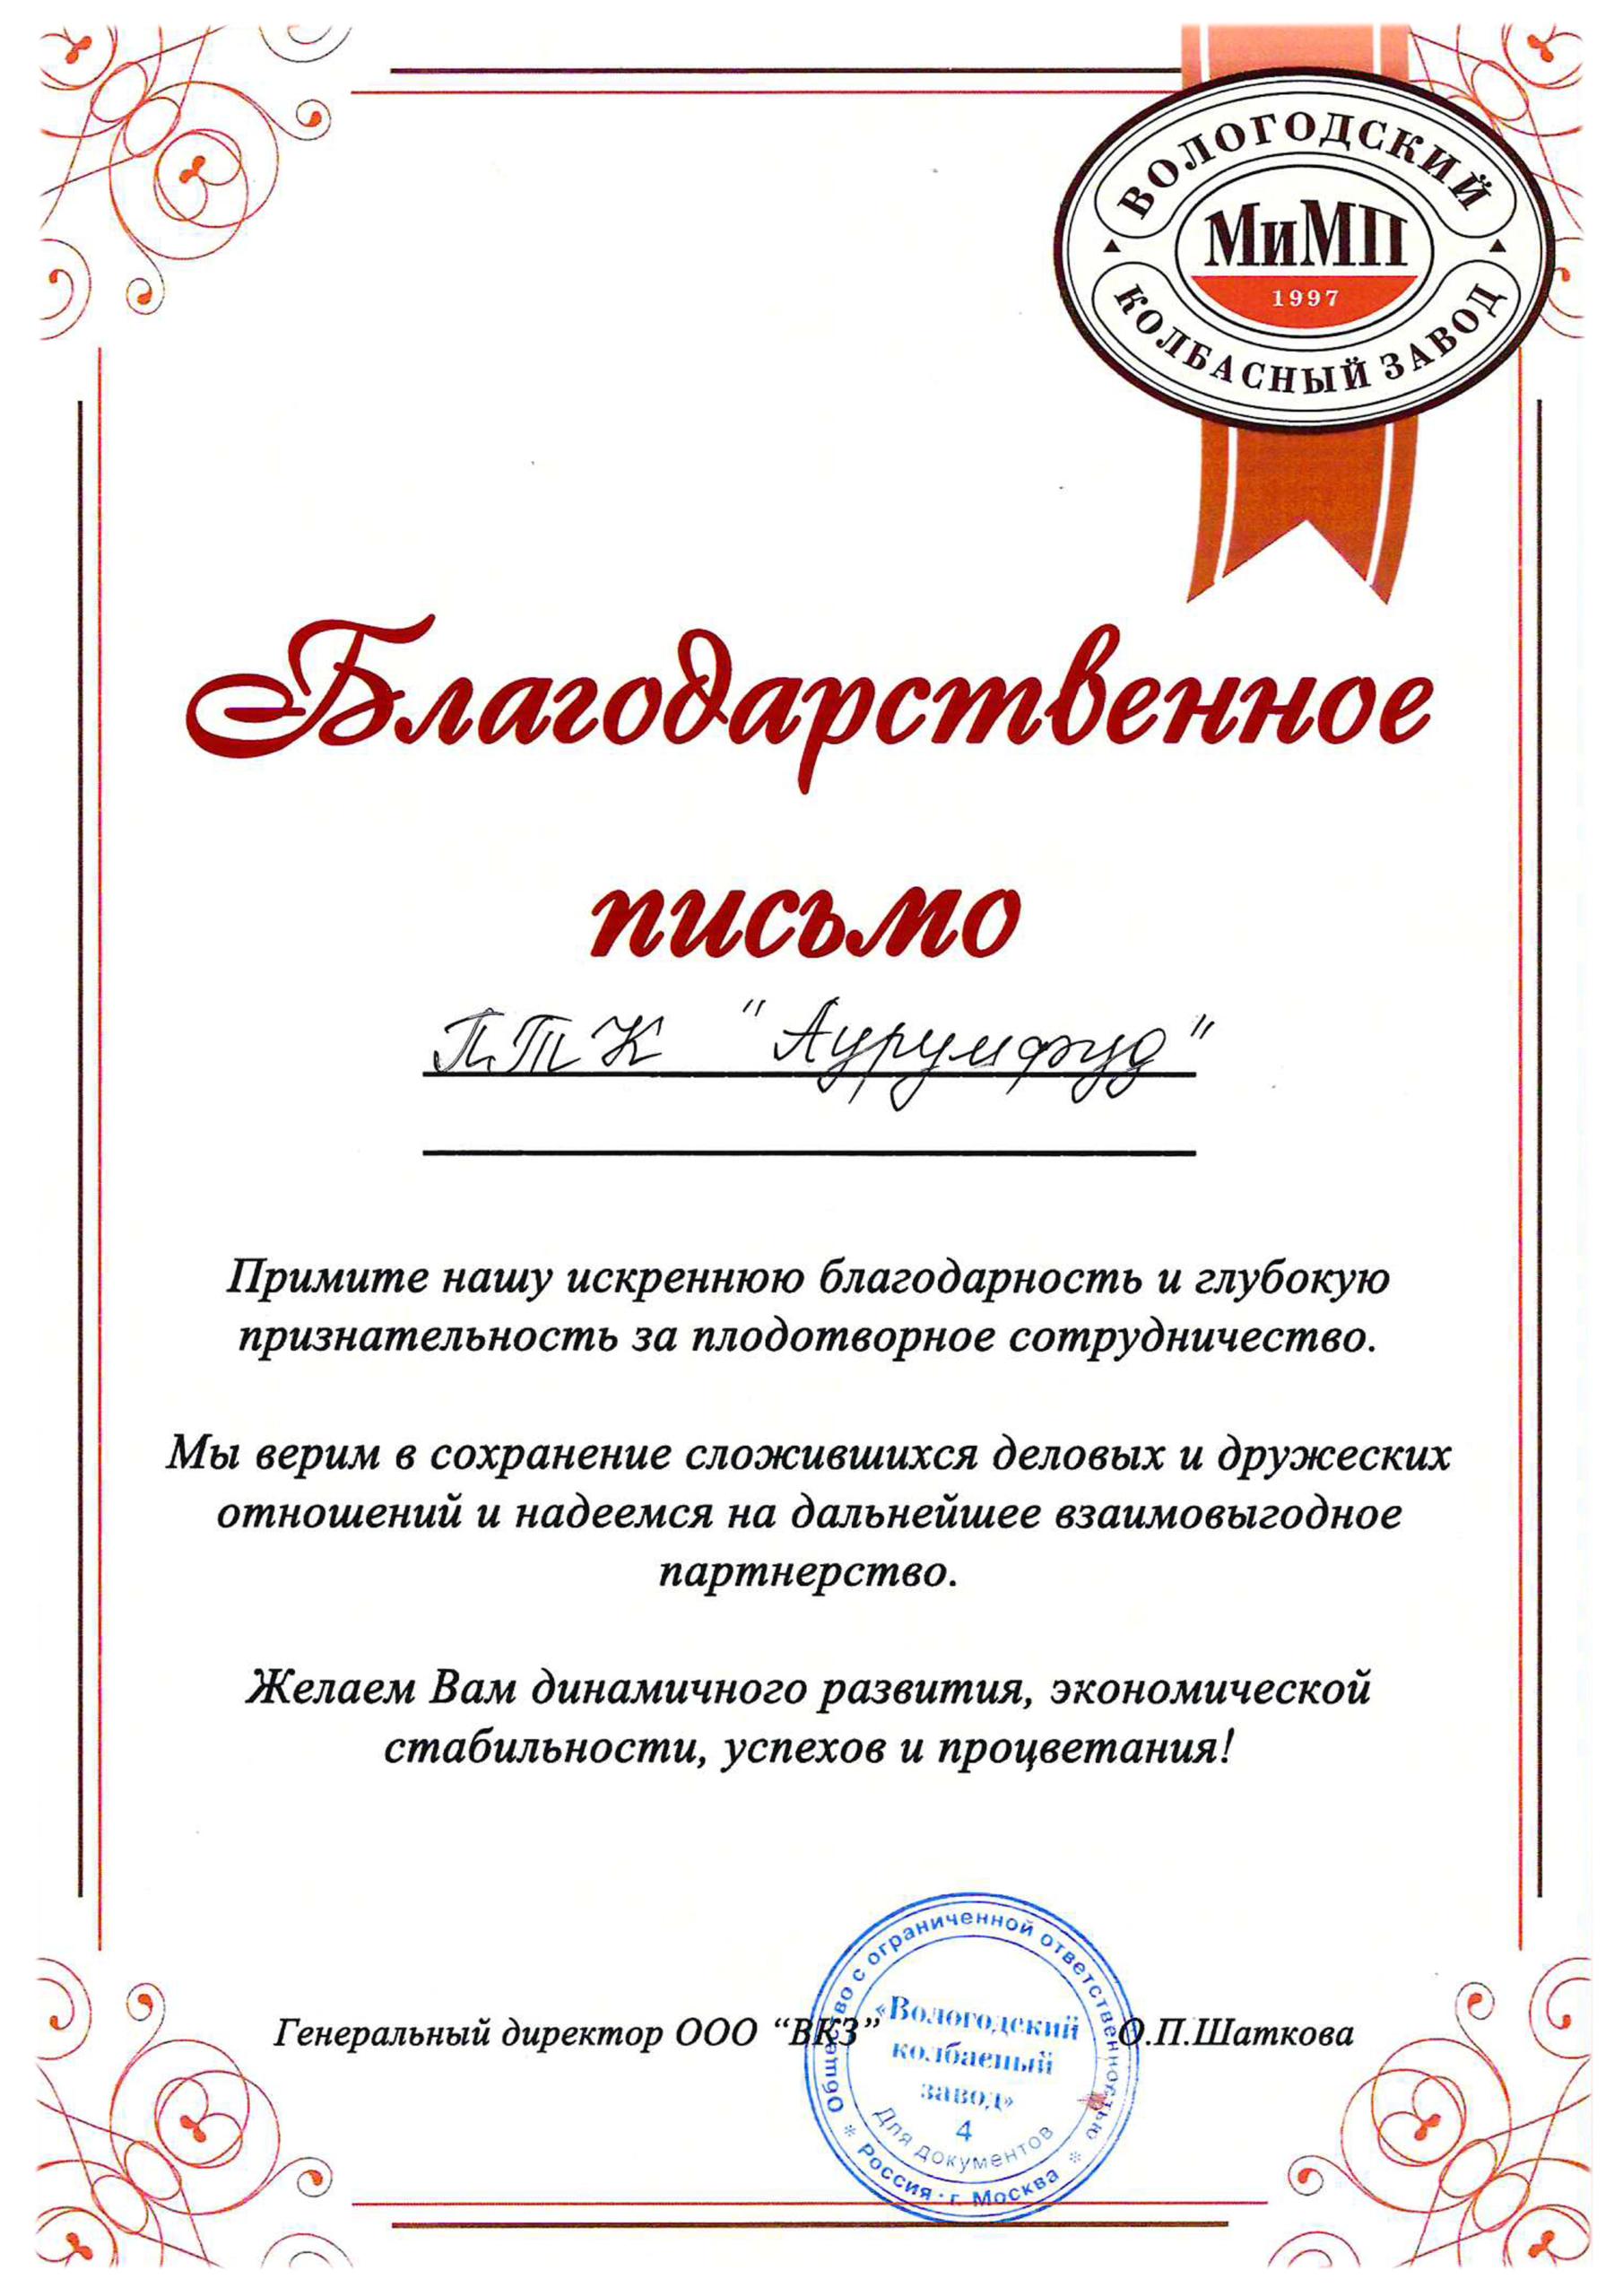 Благодарственное писмо - Вологодский колбасный завод